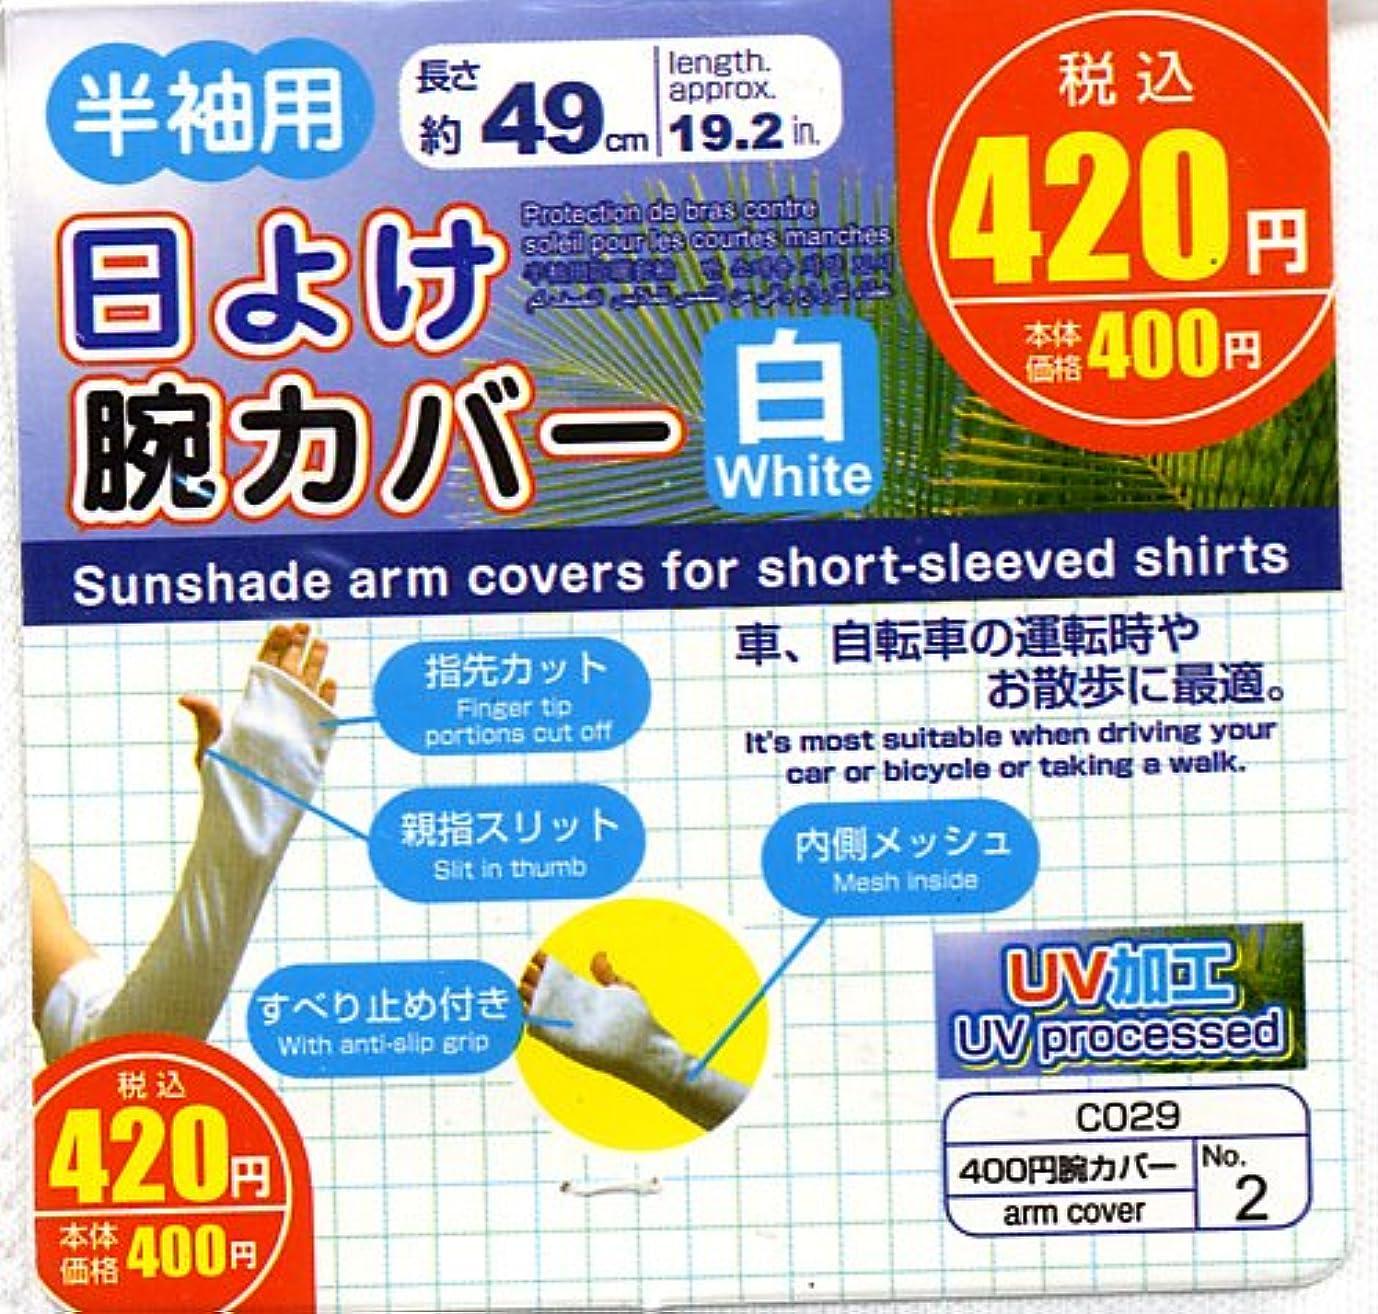 落ち着かない偽商人紫外線対策に!UVカットでお肌を紫外線から守る!日よけ腕カバー